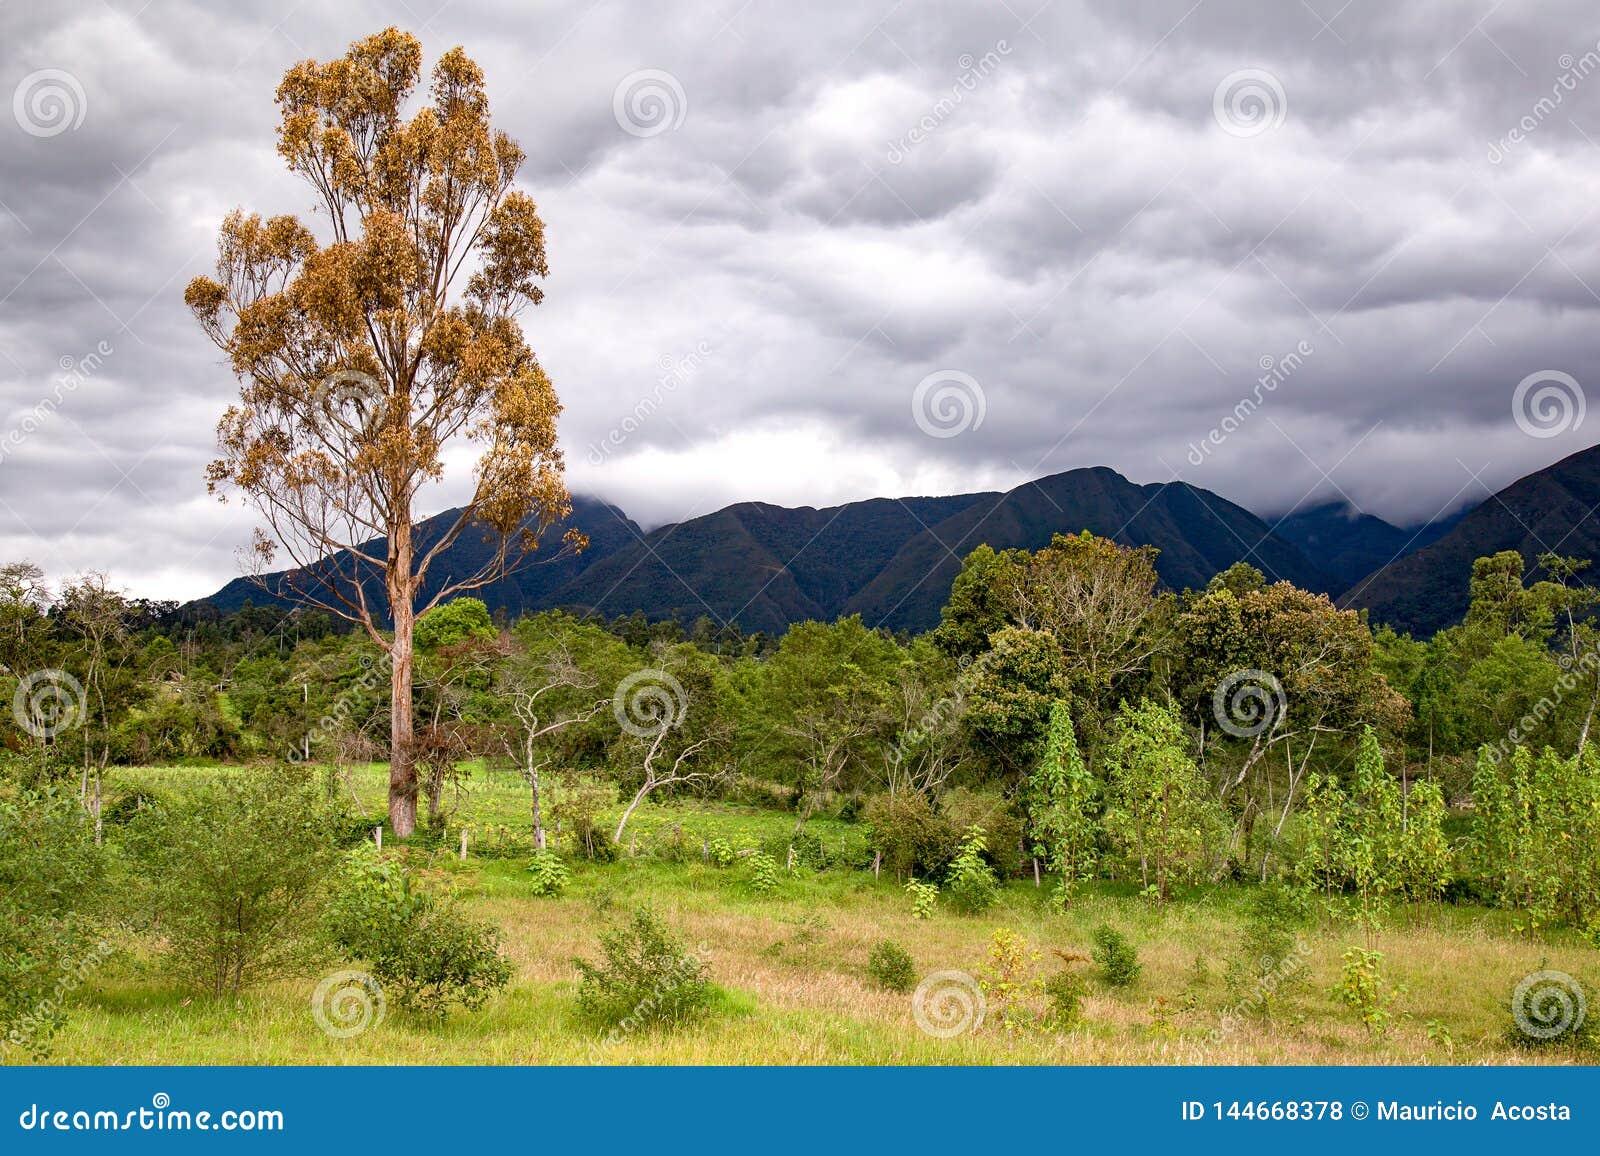 Droge eucalyptusboom in een bos